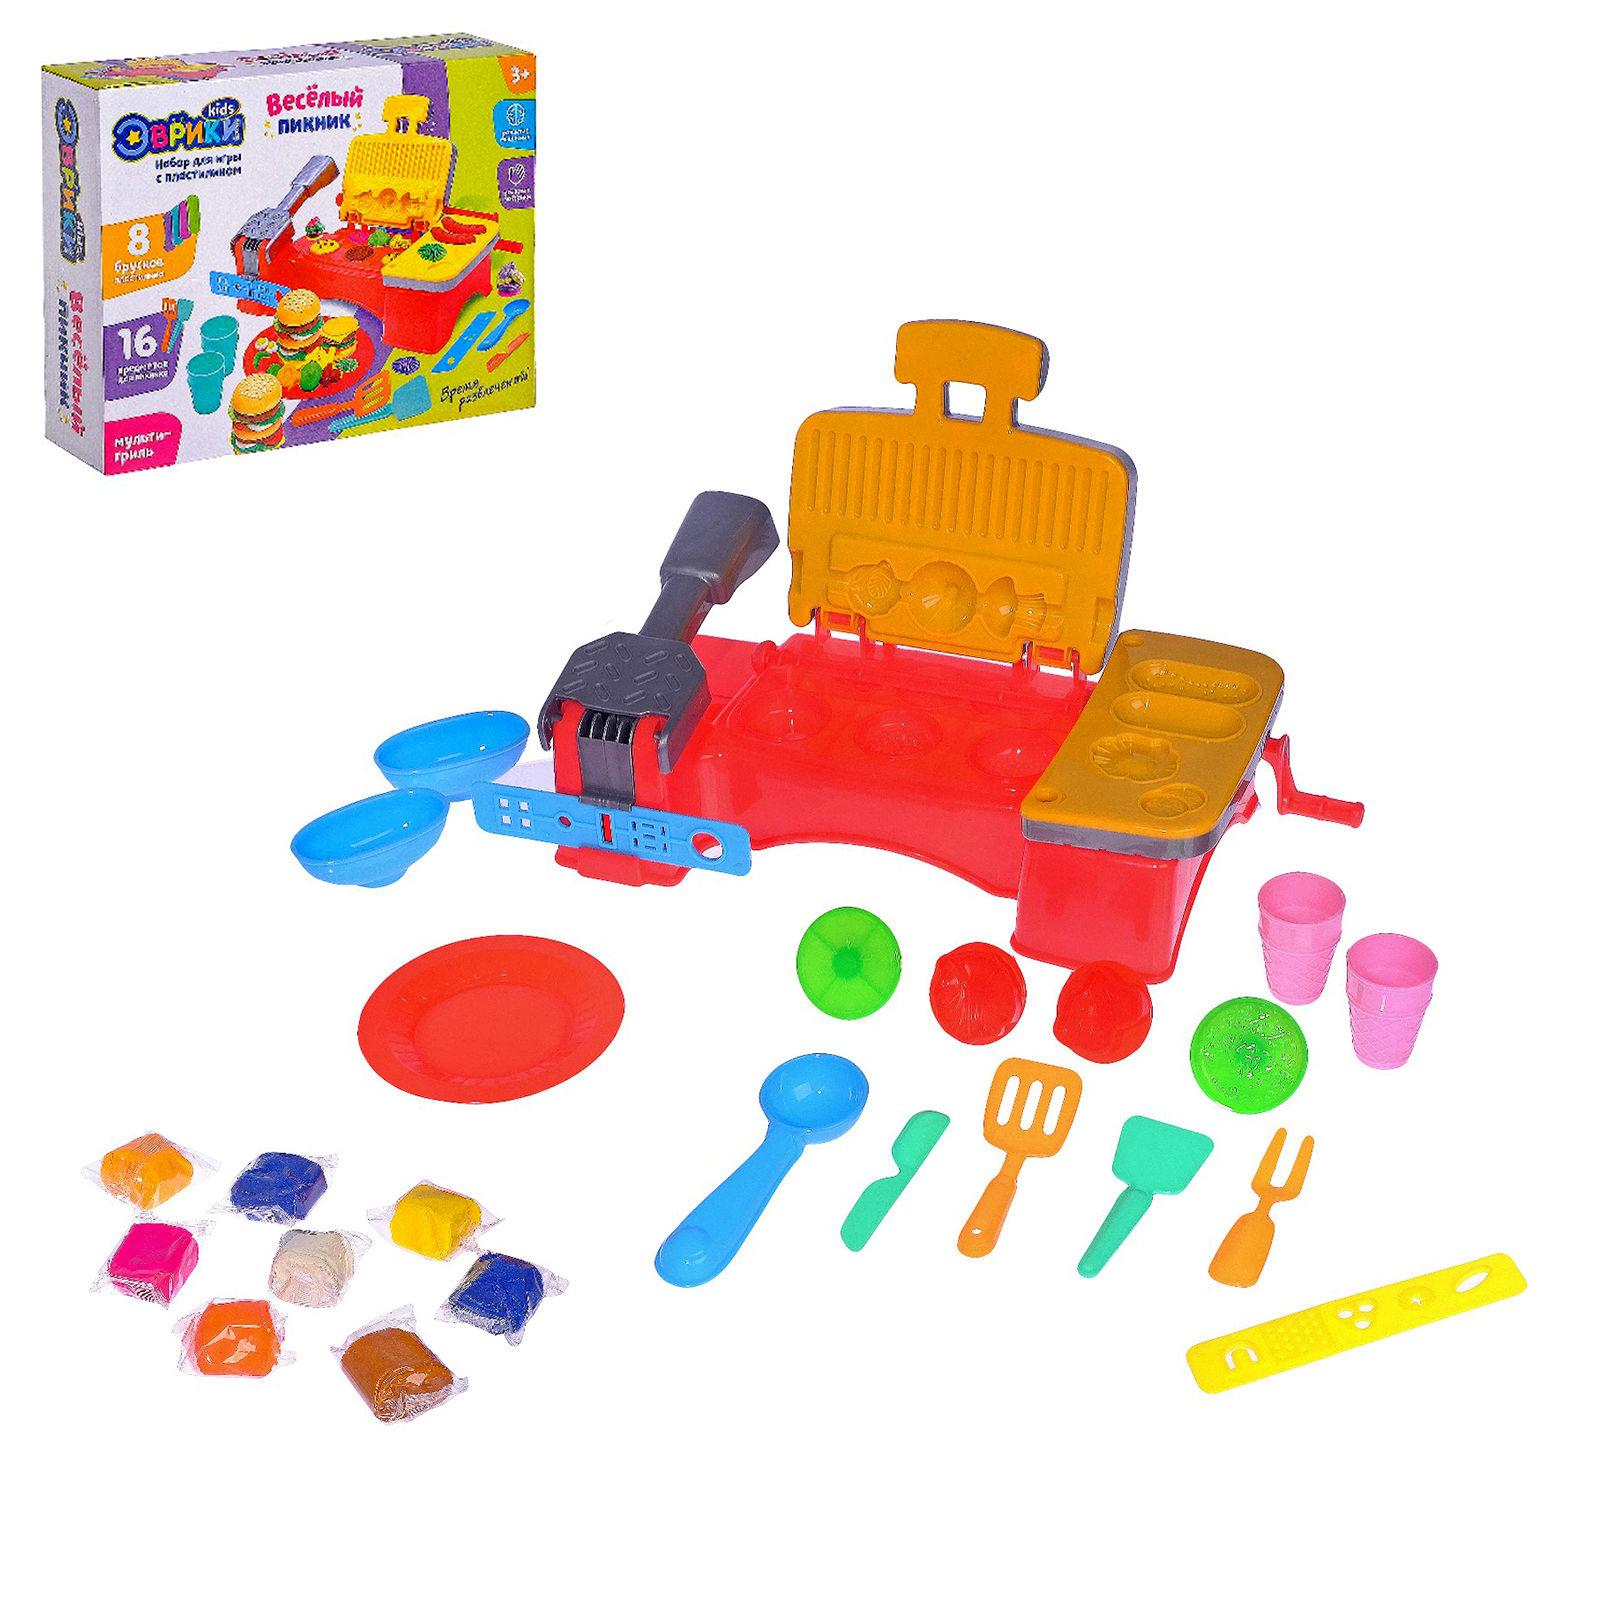 Набор для игры с пластилином «Весёлый пикник»